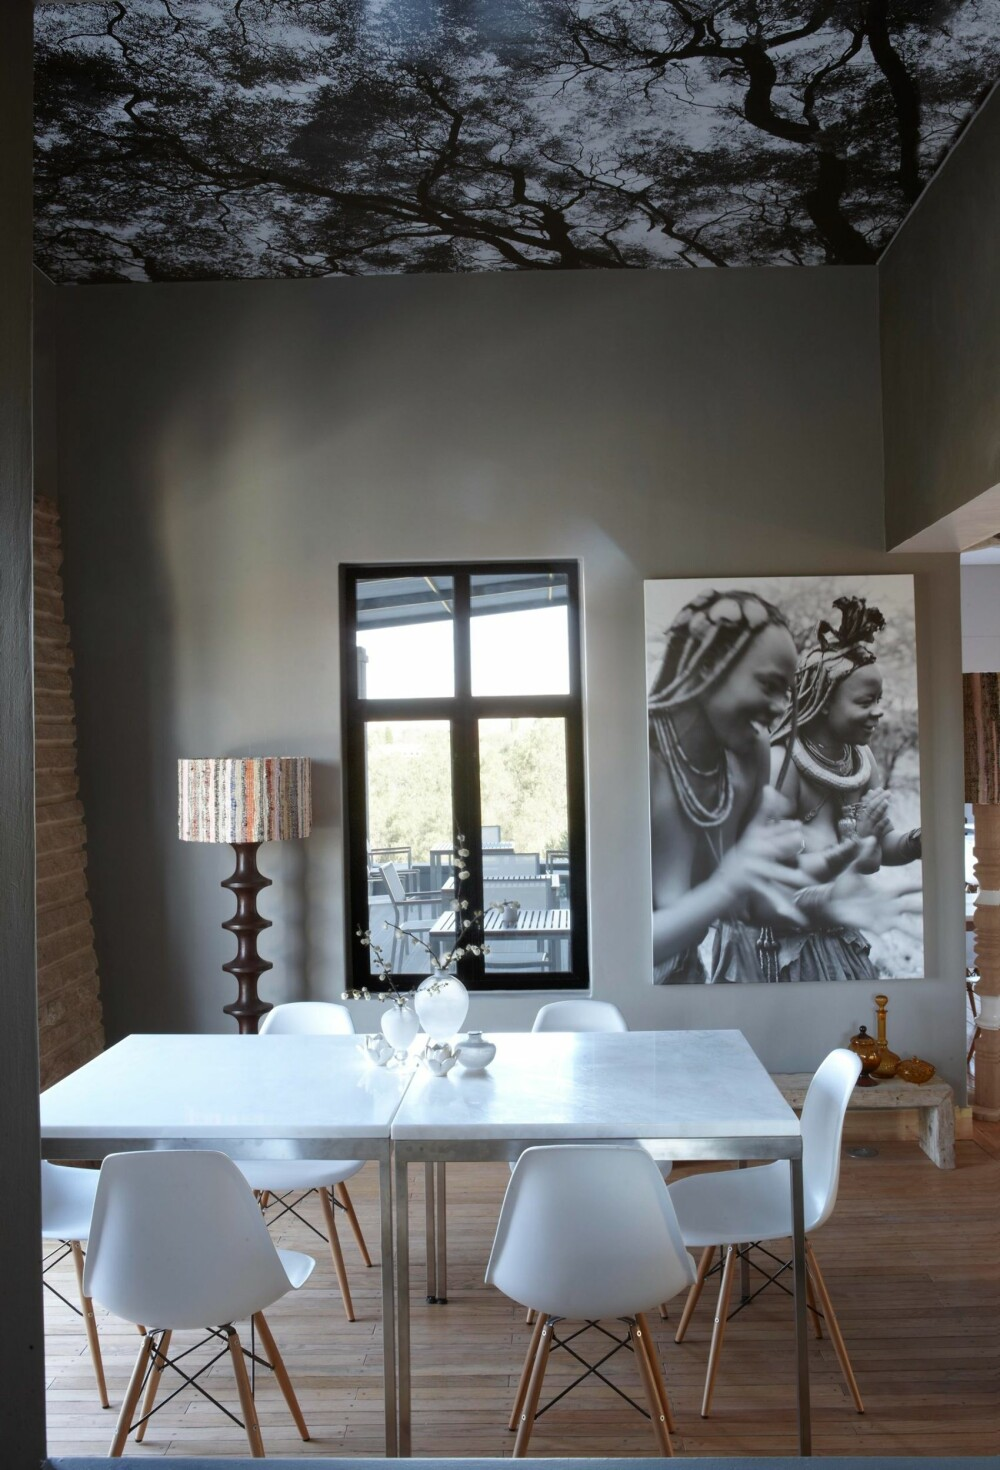 TAKTAPET: I restauranten er taket tapetsert med et svart-hvitt bilde av et tre. Fotograf er Micky Hoyle. På veggen henger et annet av bildene hans. Enkle bord med marmorplater er omgitt av gjenkjennelige DSWstoler med understell i tre, designet av ekteparet Eames.